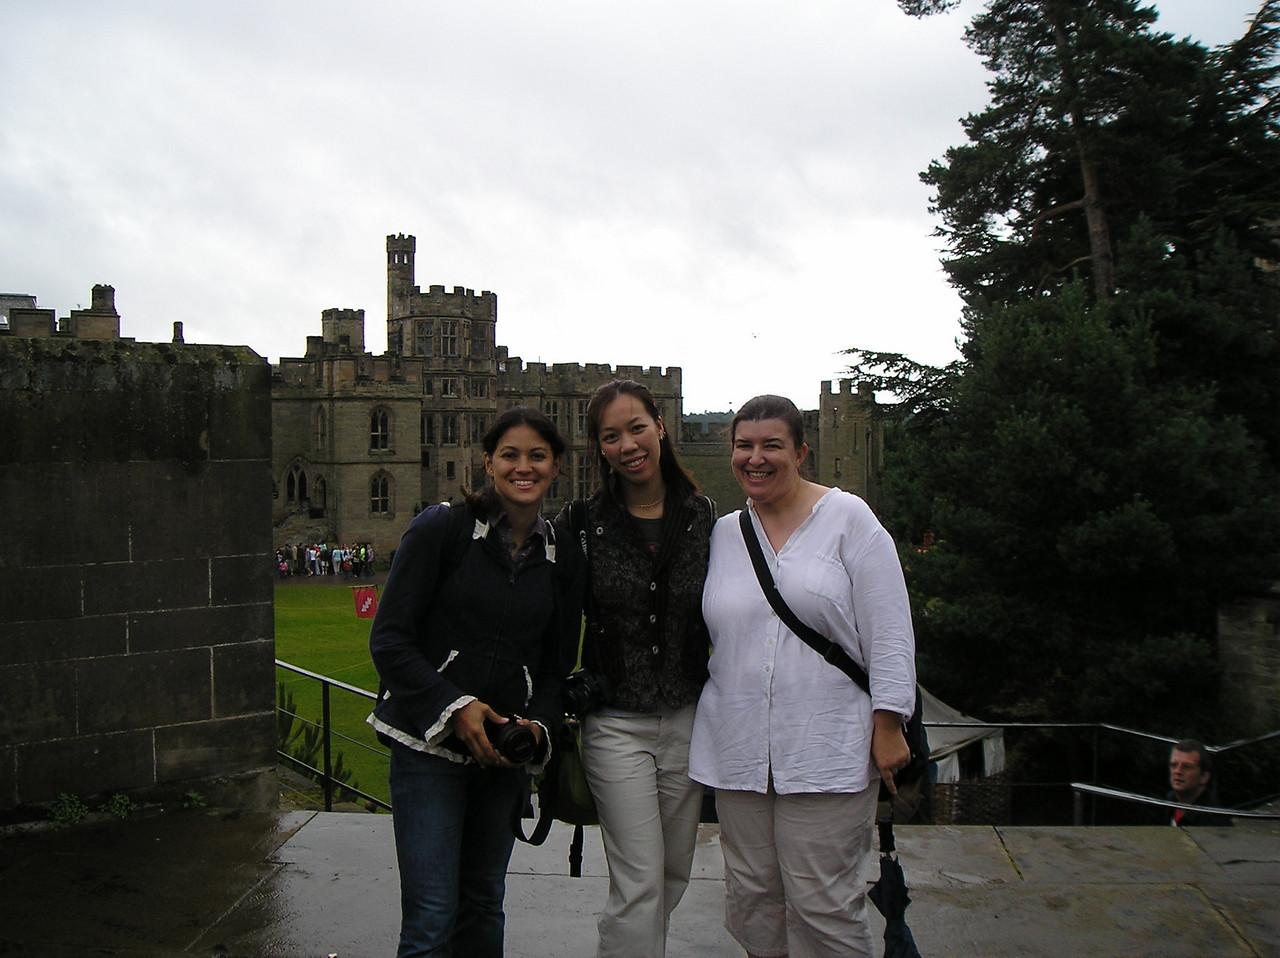 Me, AJ, Judy at Warwick Castle.